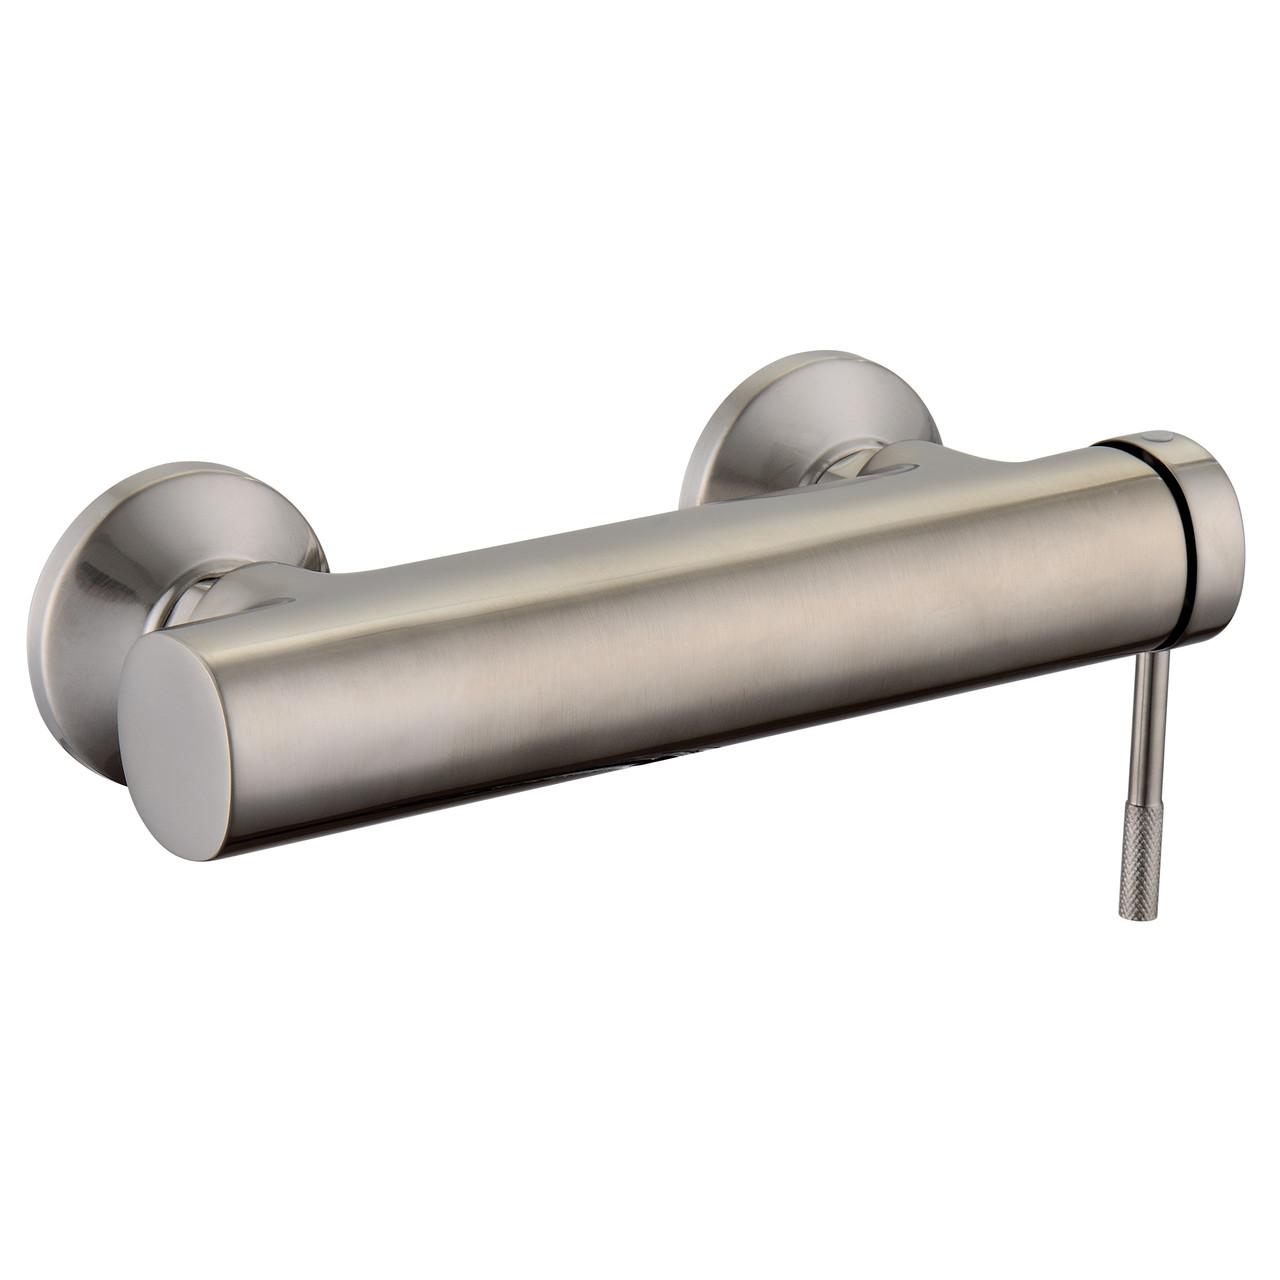 Imprese Brenta смеситель для душа, никель, 35мм ZMK081906080